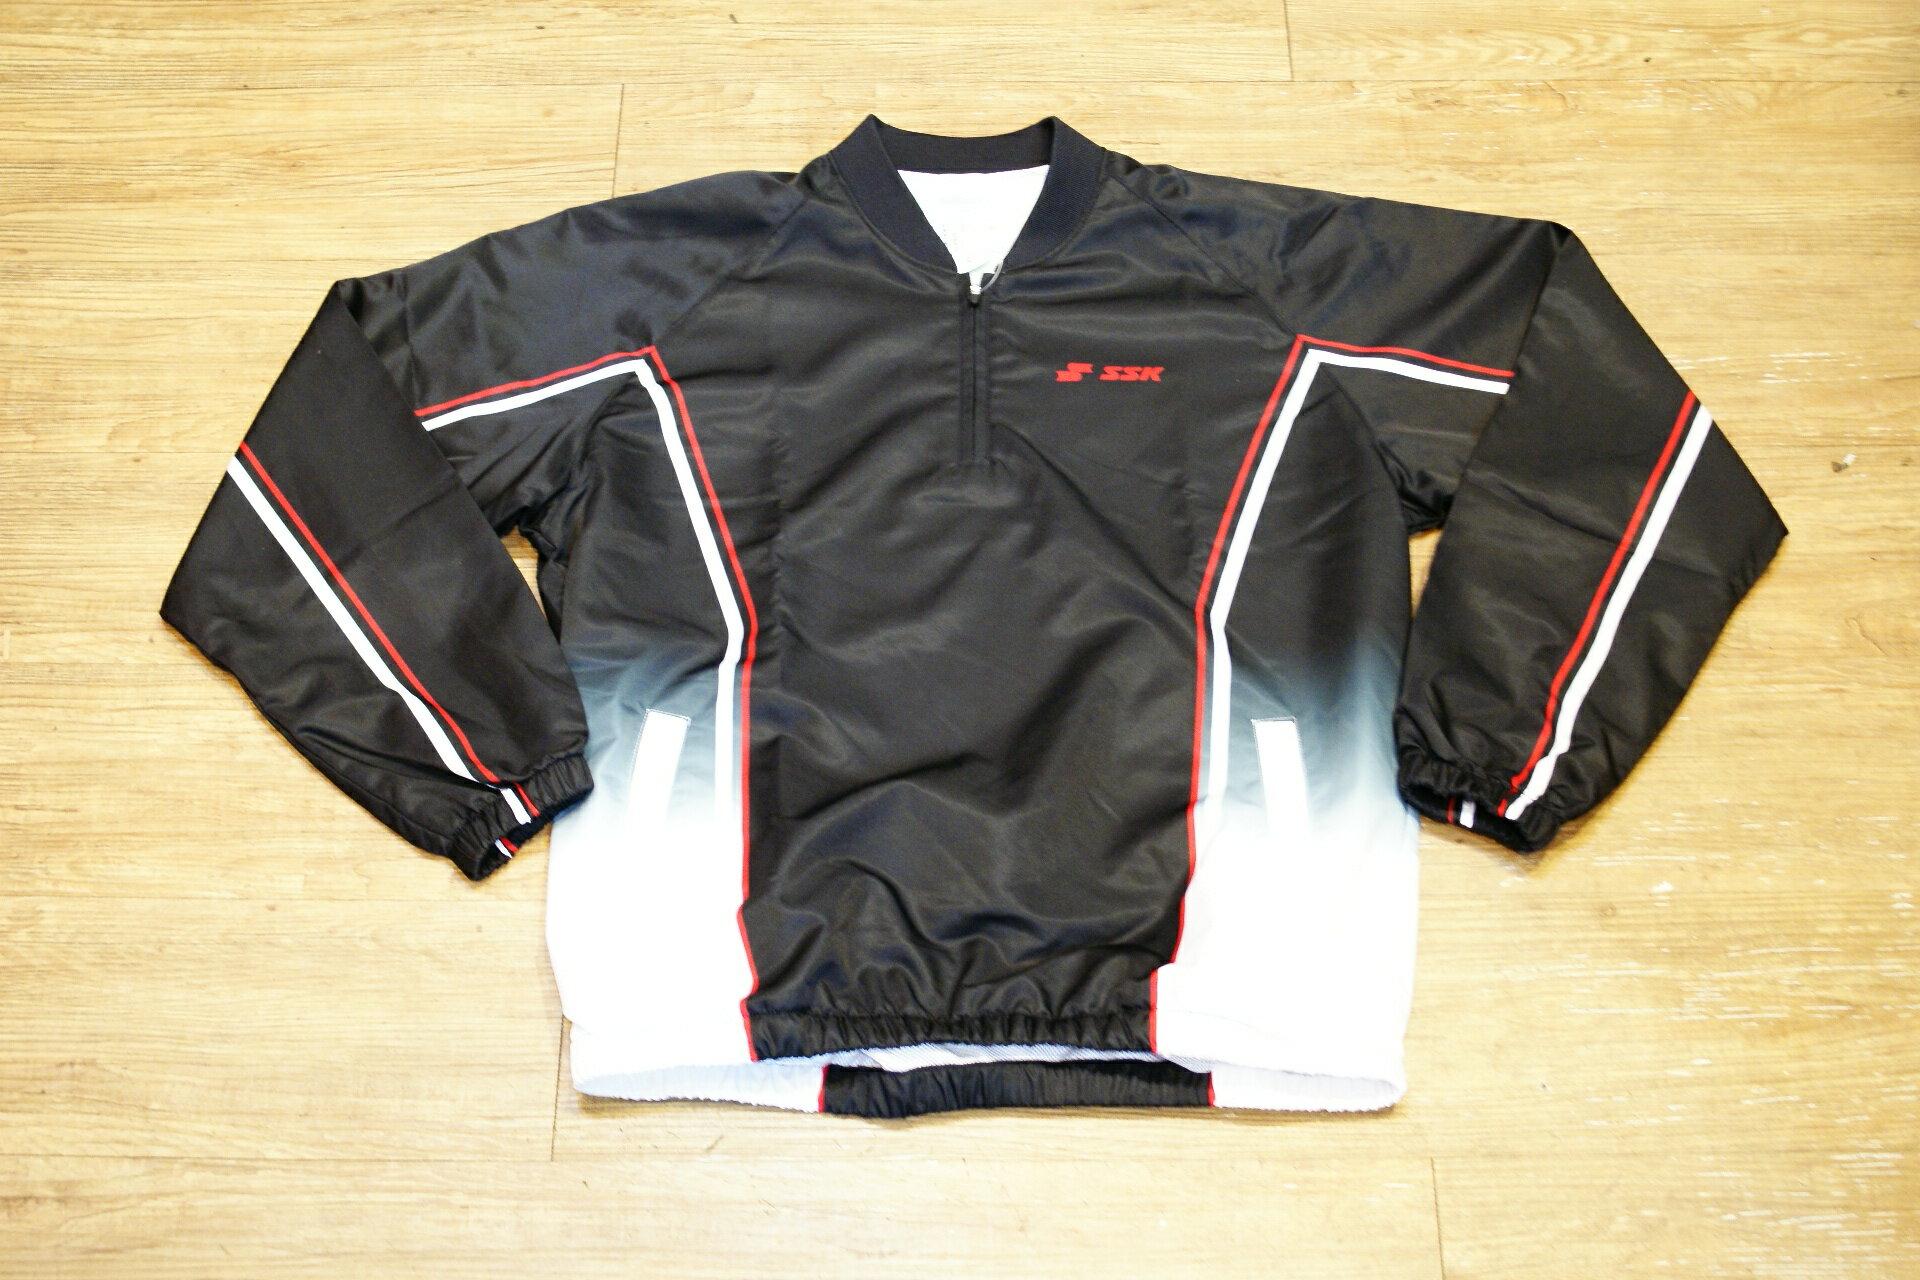 棒球世界 SSK 棒壘球熱昇華長袖風衣 熱昇華轉印技術 特價